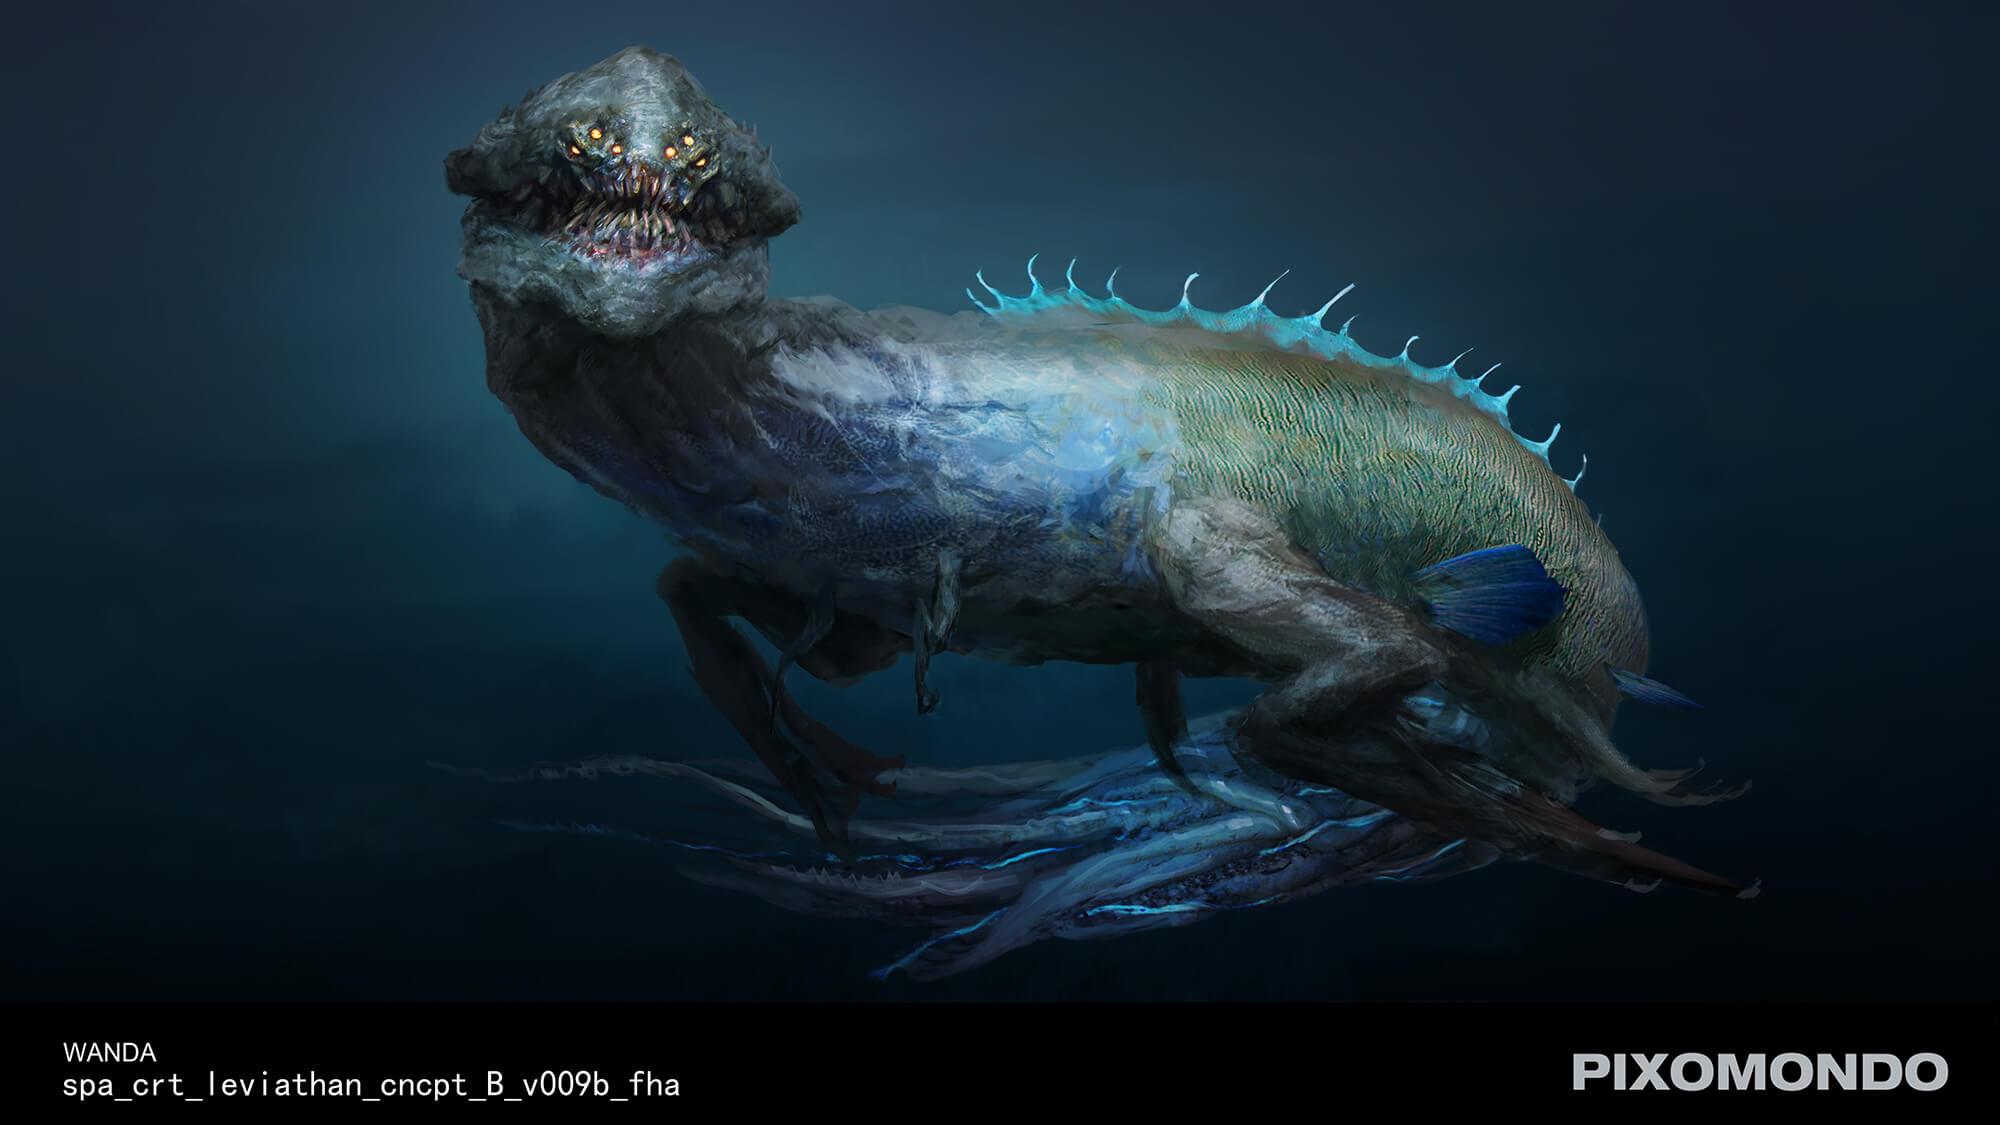 creature-concept-wanda-pixomondo-felix-botho-haas-leviathan-v009b